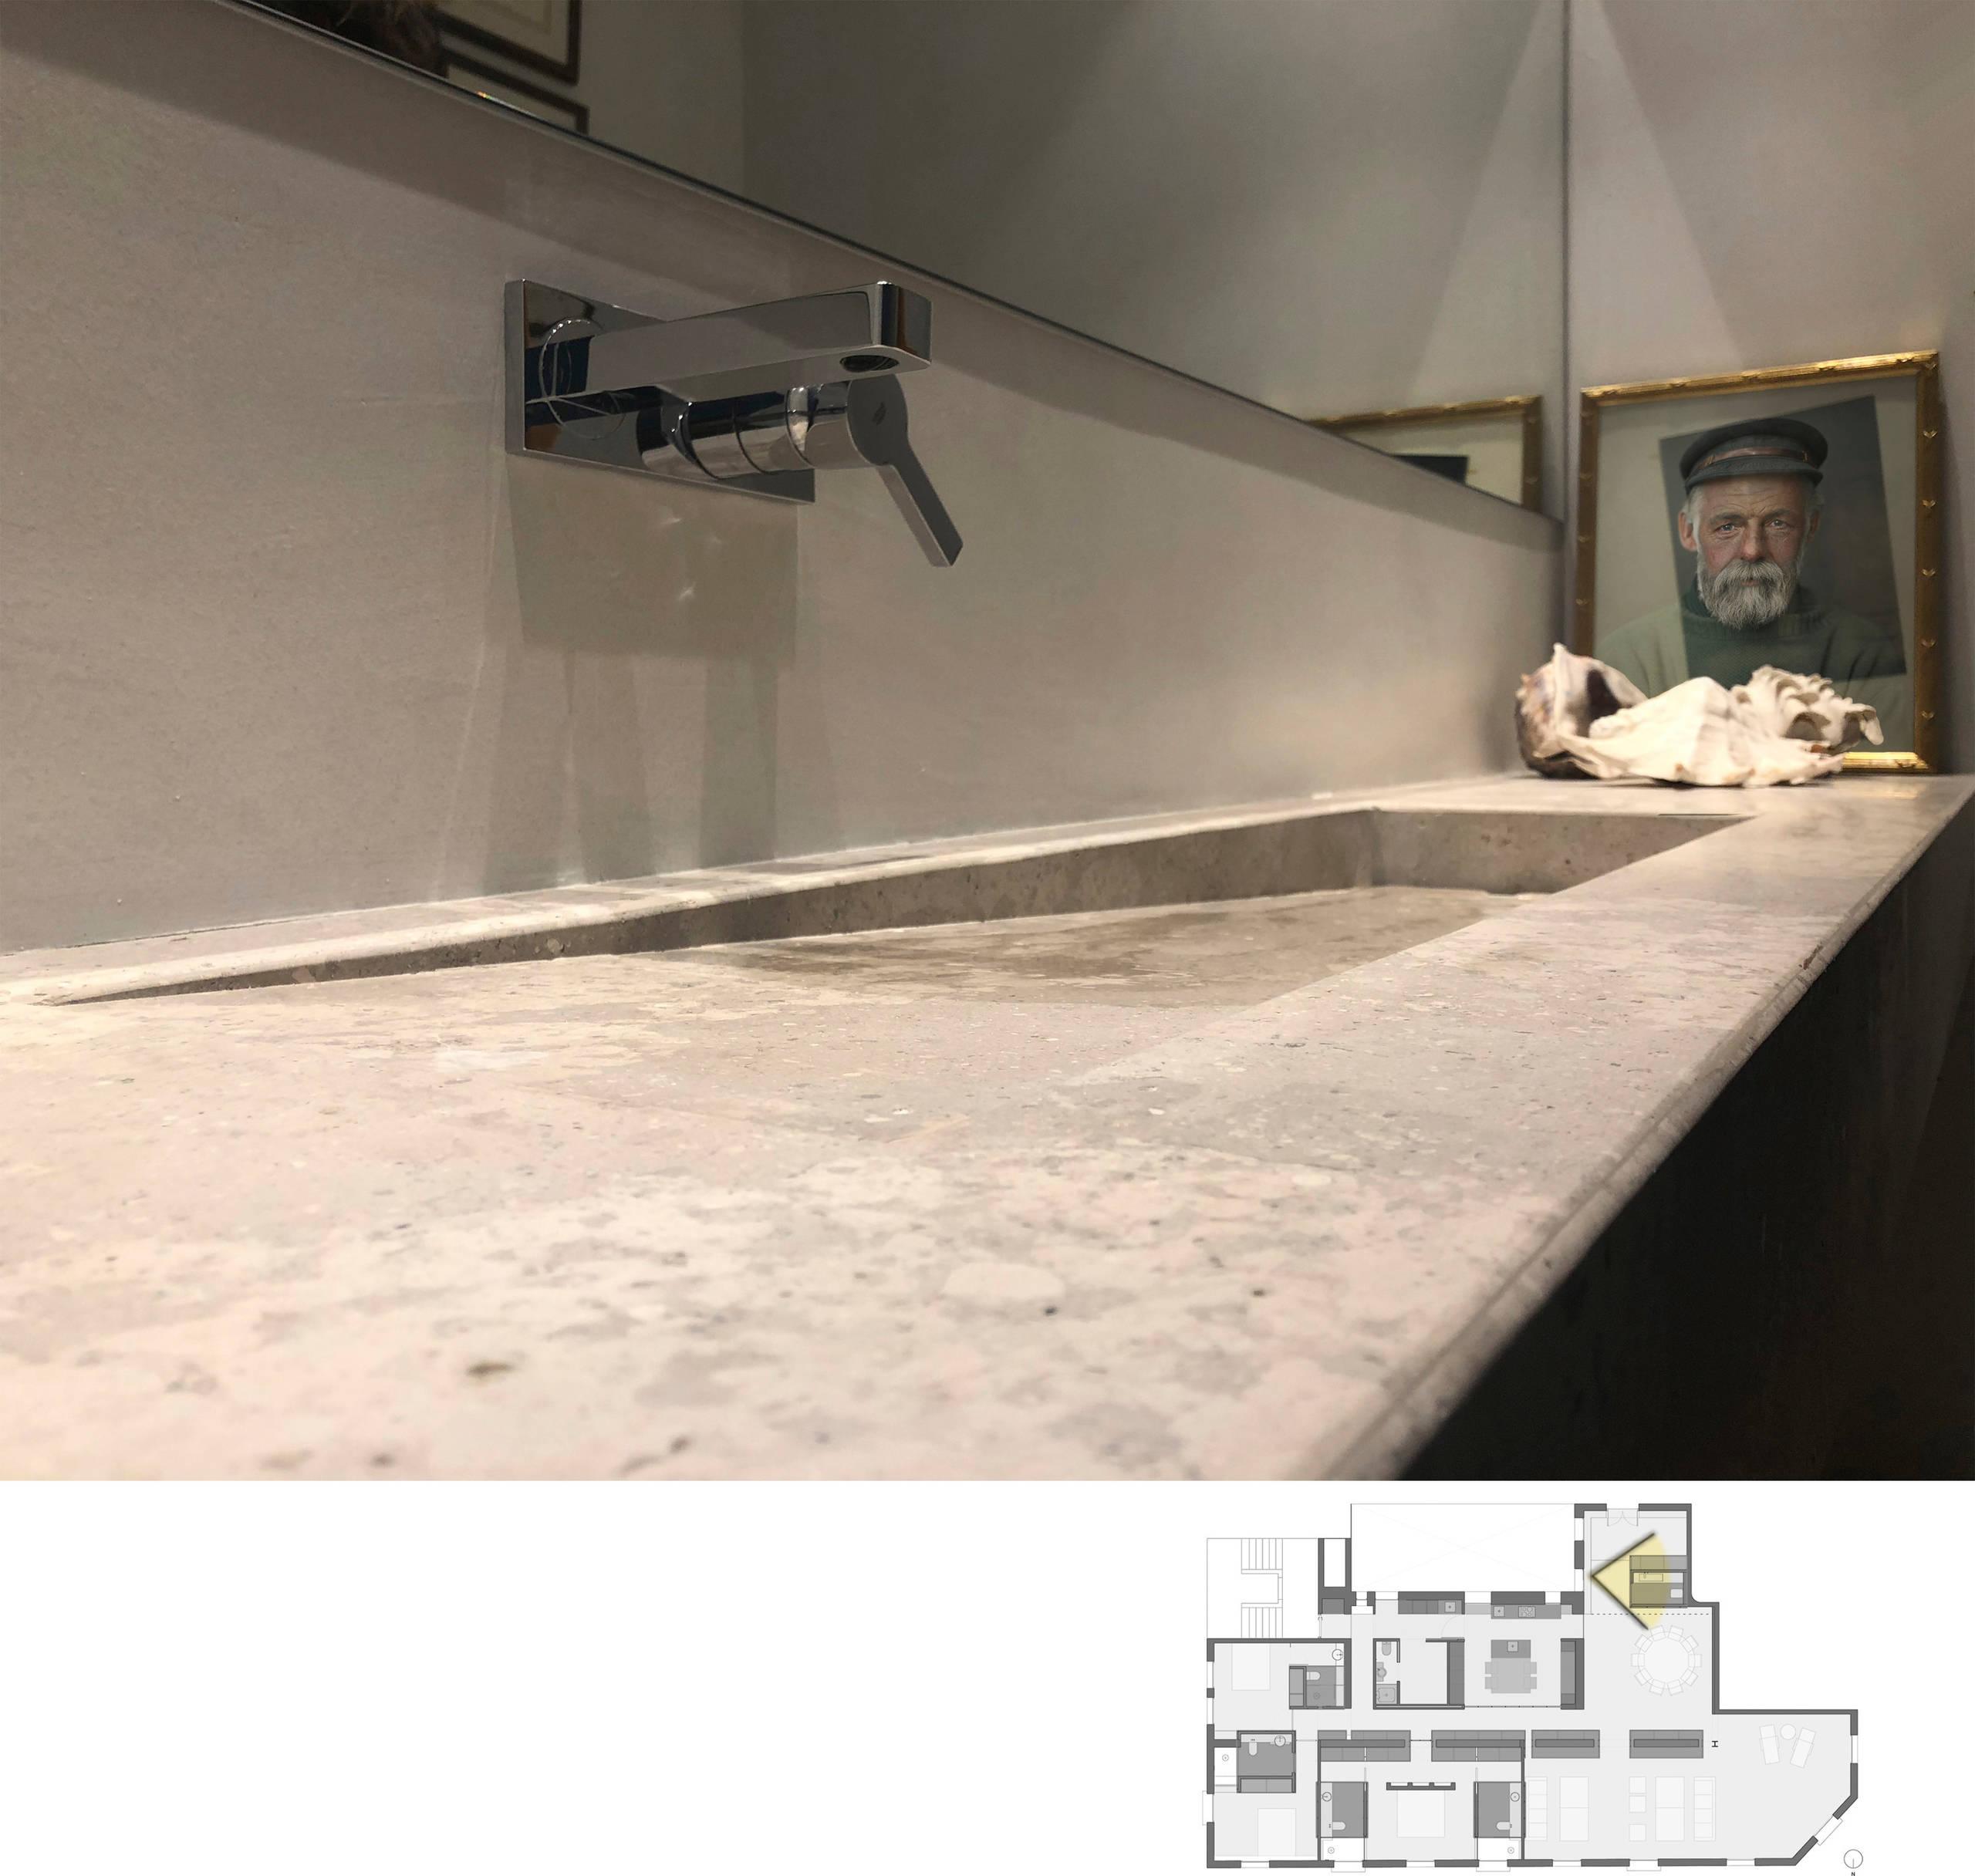 Detalle del lavabo del aseo de cortesía.